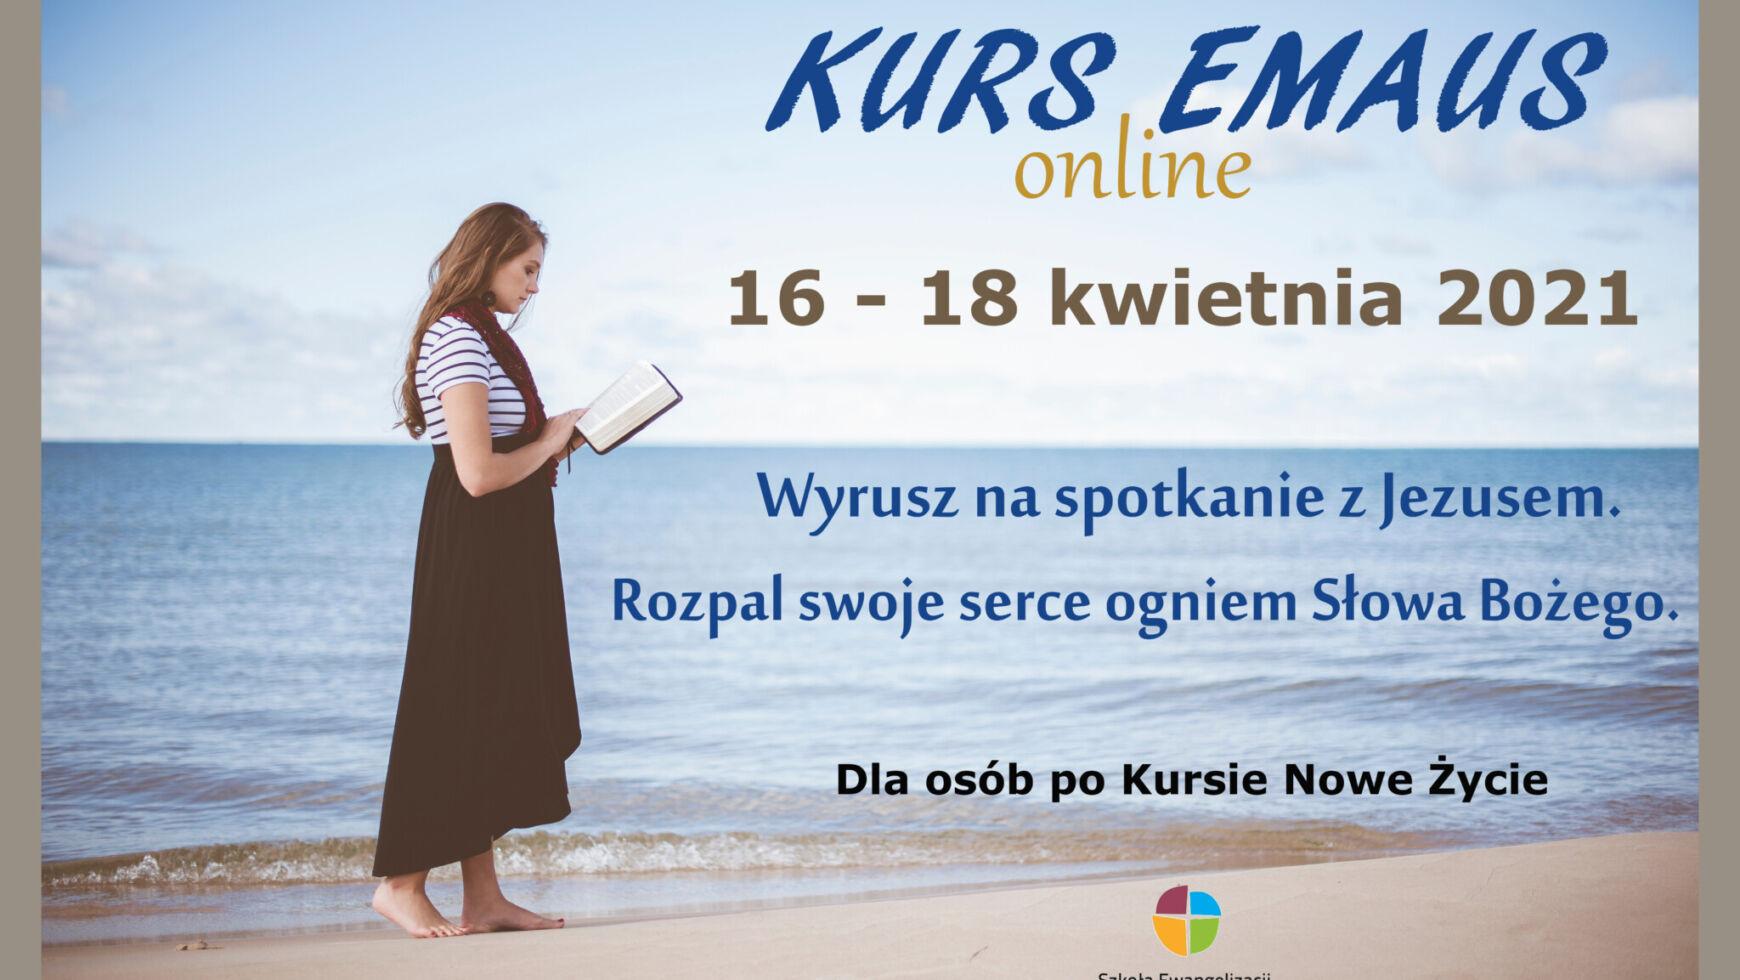 Kurs Emaus, Online